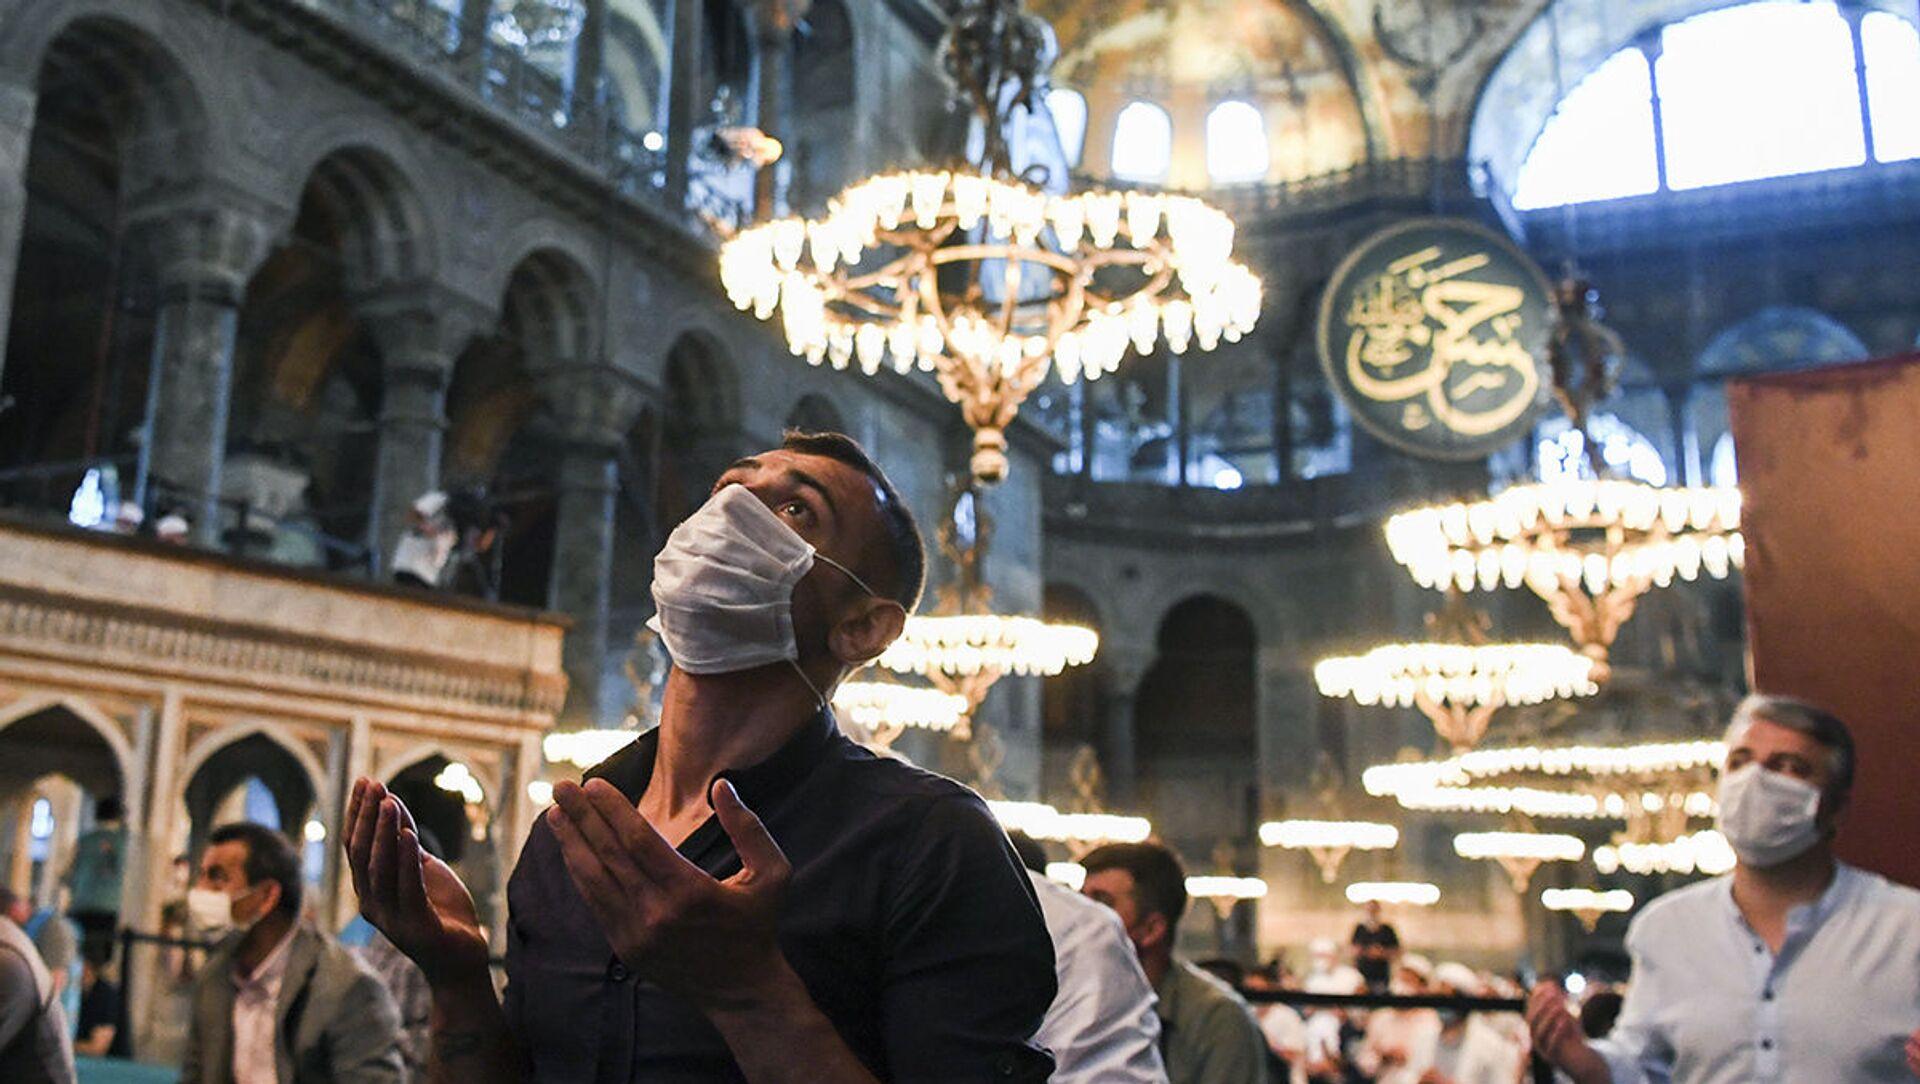 Мусульмане в медицинских масках во время молитвы в соборе Святой Софии в Стамбуле, недавно вновь ставшем мечетью - Sputnik 日本, 1920, 16.09.2021